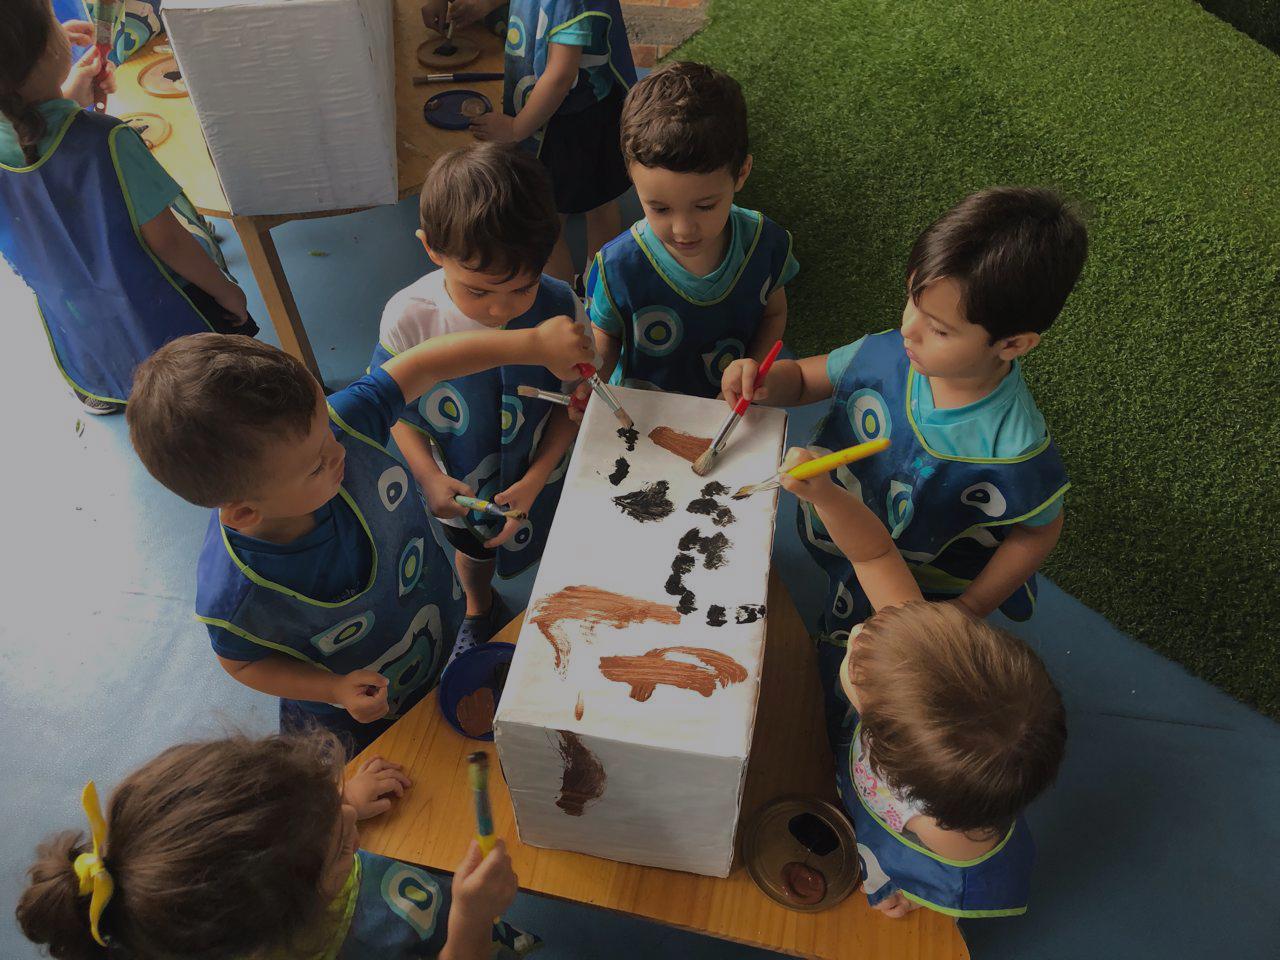 La importancia de la experiencia en la Primera Infancia y la Educación Preescolar